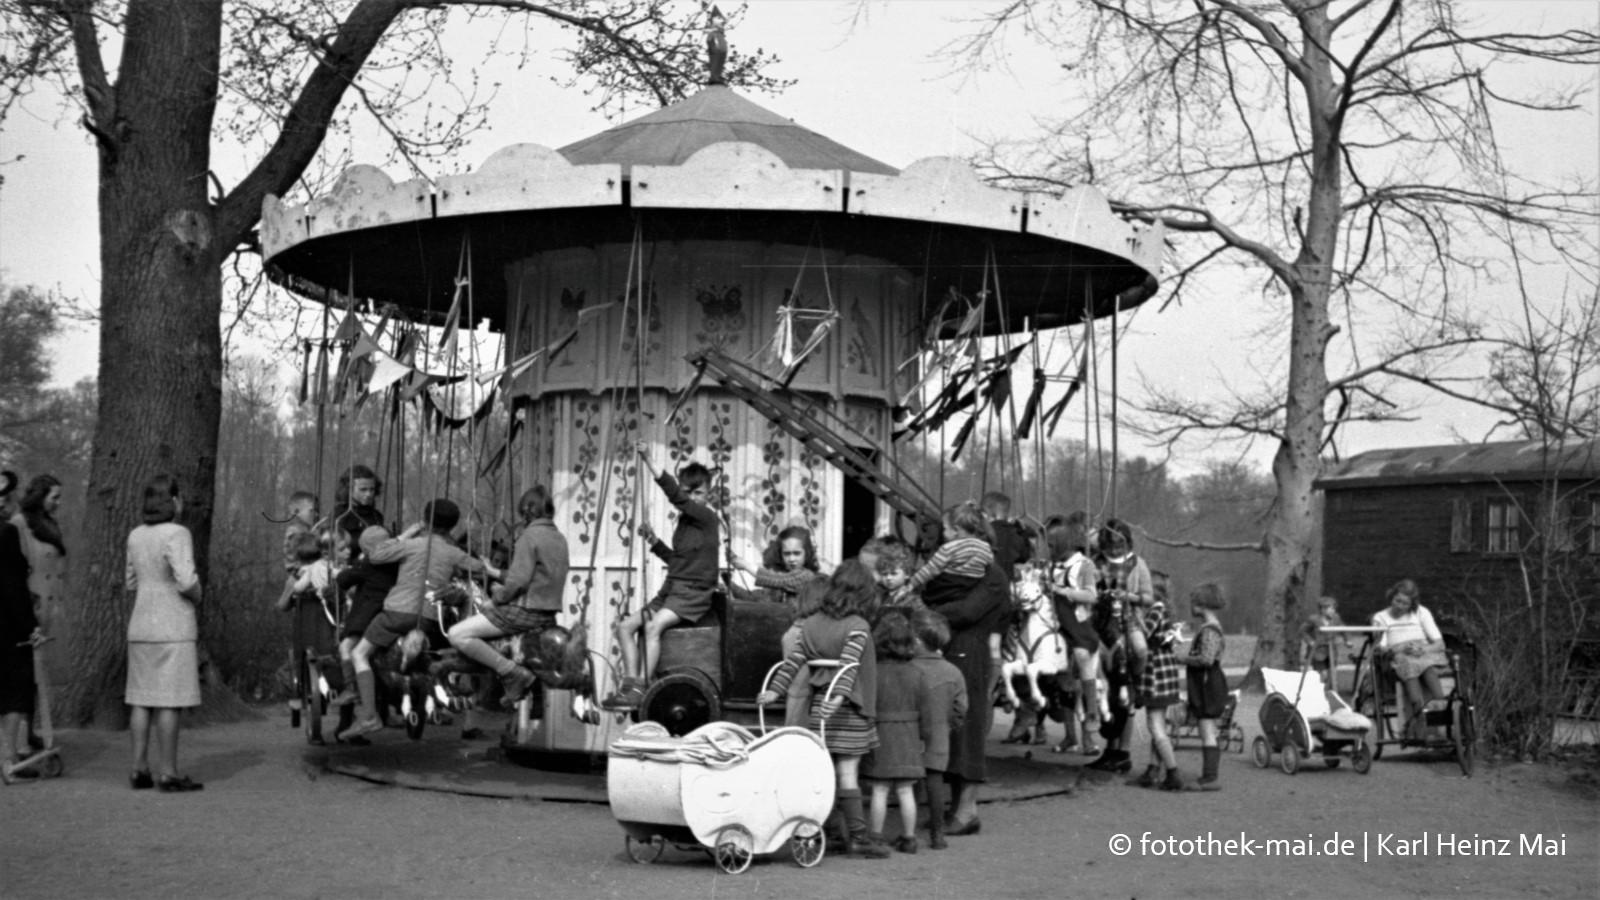 Alltagsbilder aus Leipzig 1945 - 1950, Hauptzweigstelle der Sparkasse Bamberg, 1990